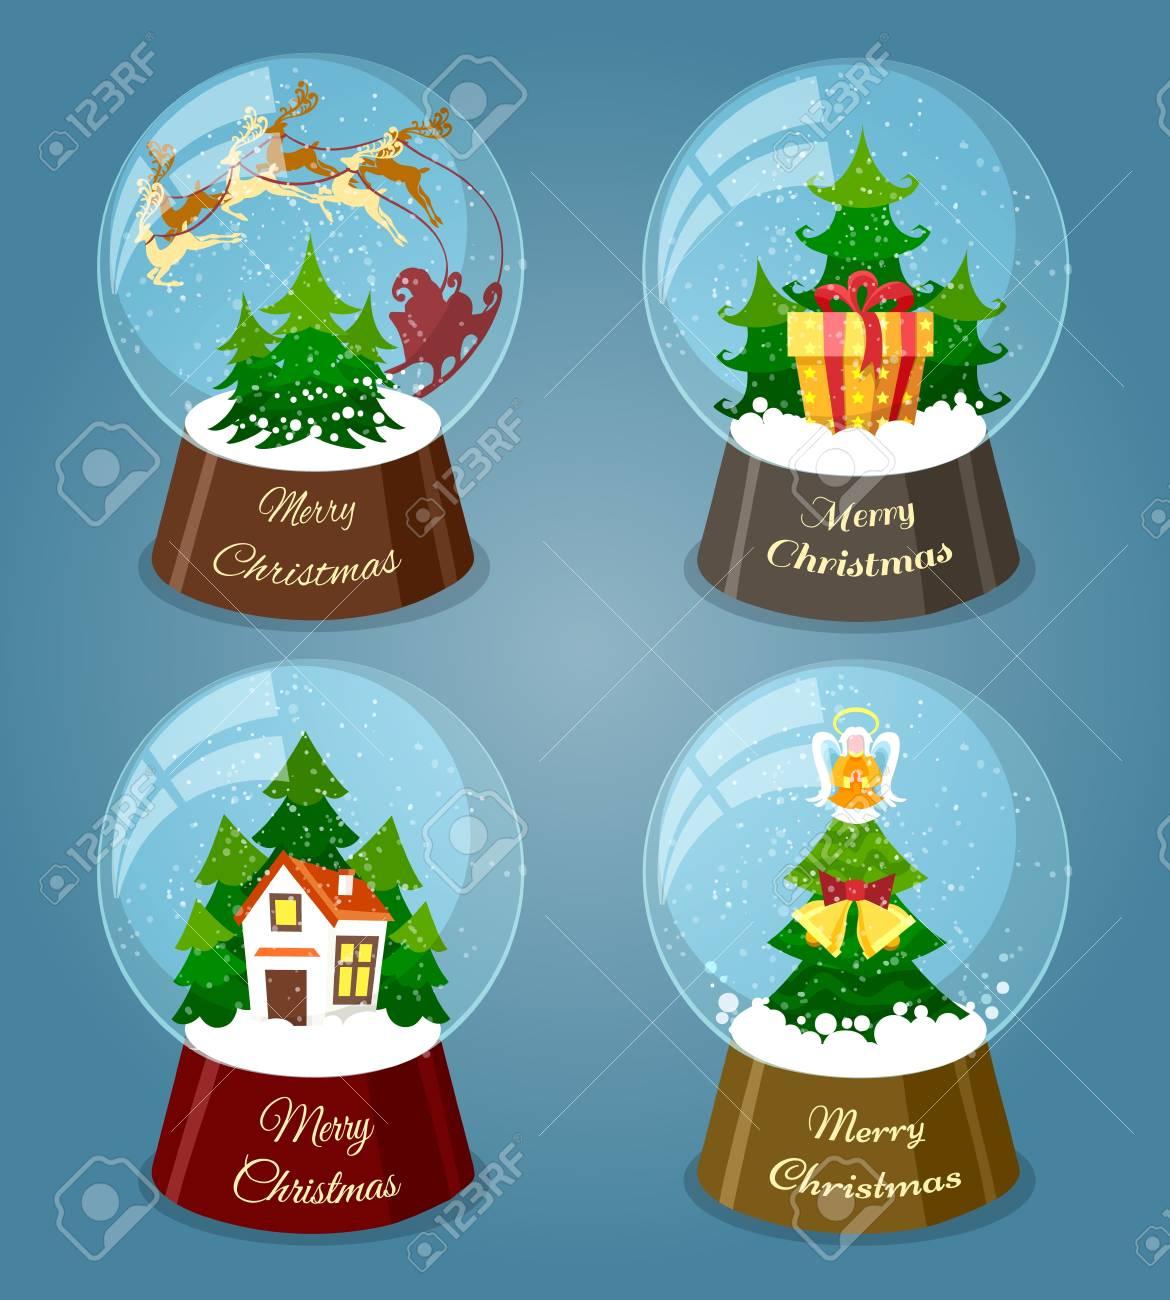 Christmas Snow Balls. Xmas Glass Snowglobes With Santa And Christmas ...